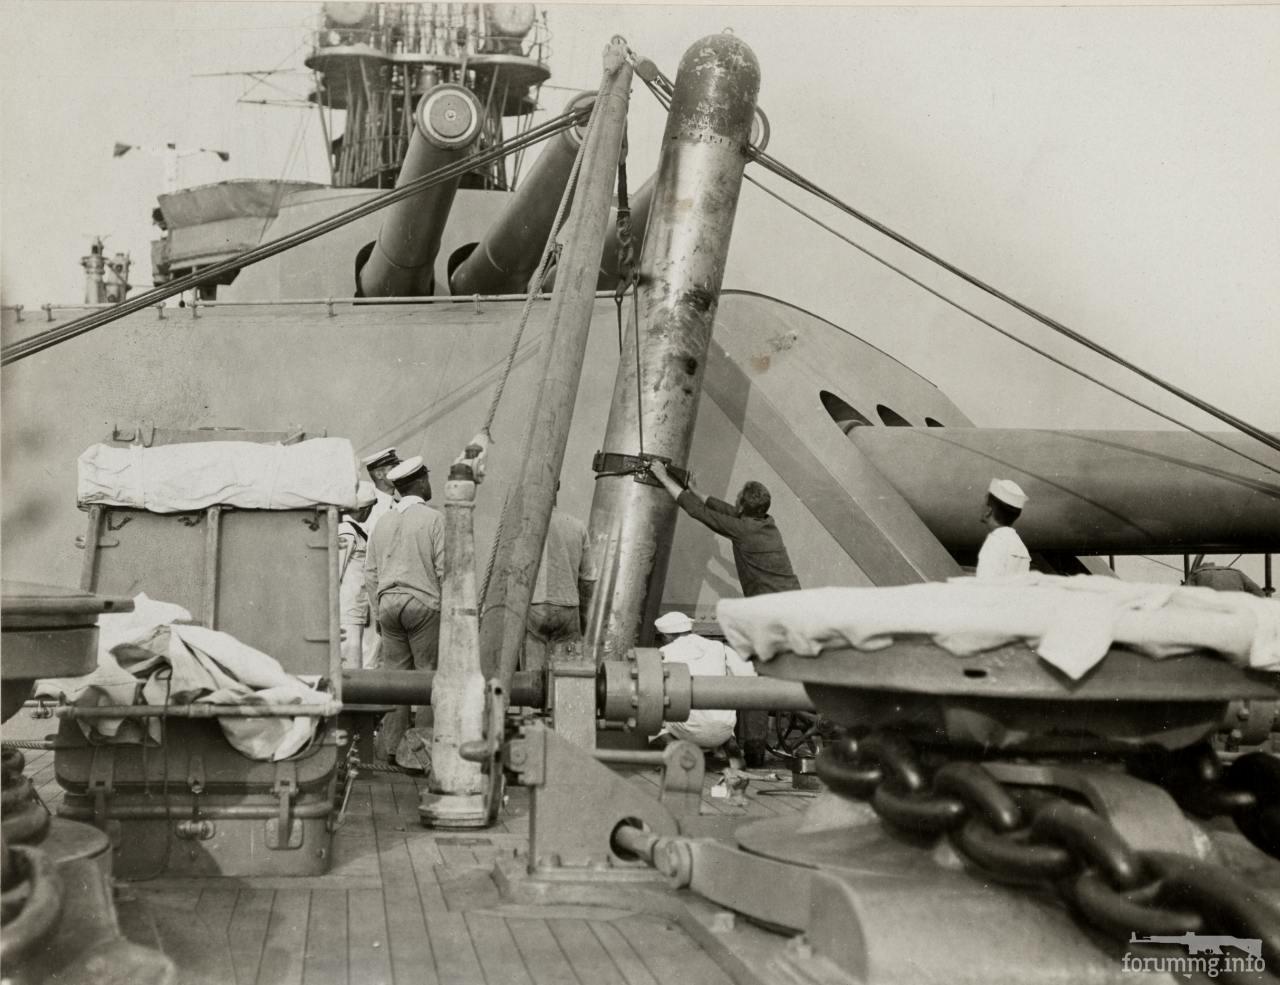 118035 - Погрузка учебной торпеды на USS Pennsylvania (BB-38), февраль 1918 г.